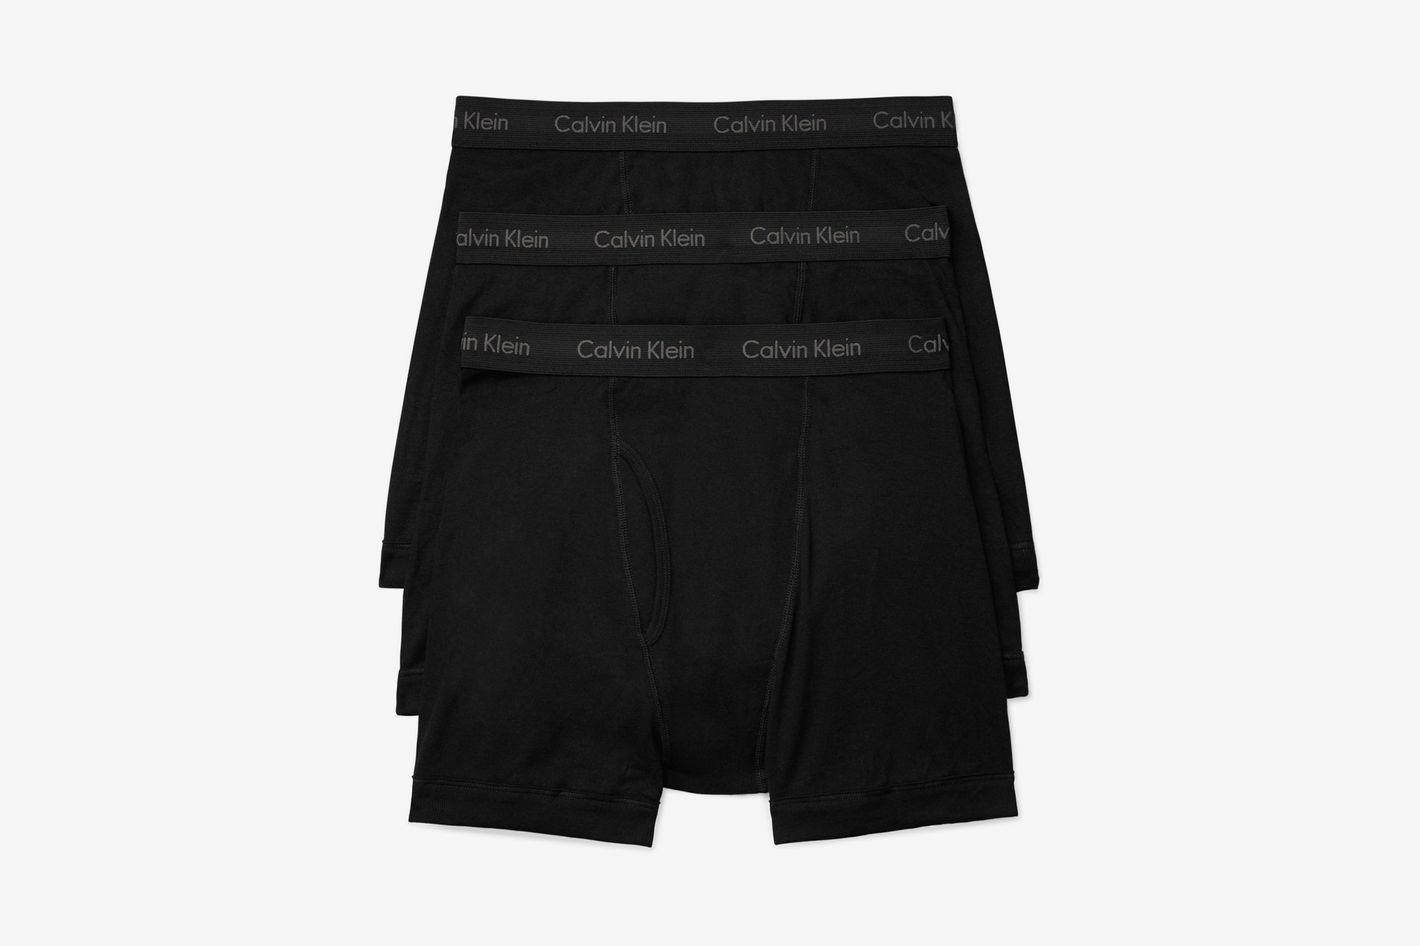 884e6a0af53f Calvin Klein Boxer Briefs (3-pack) at Nordstrom